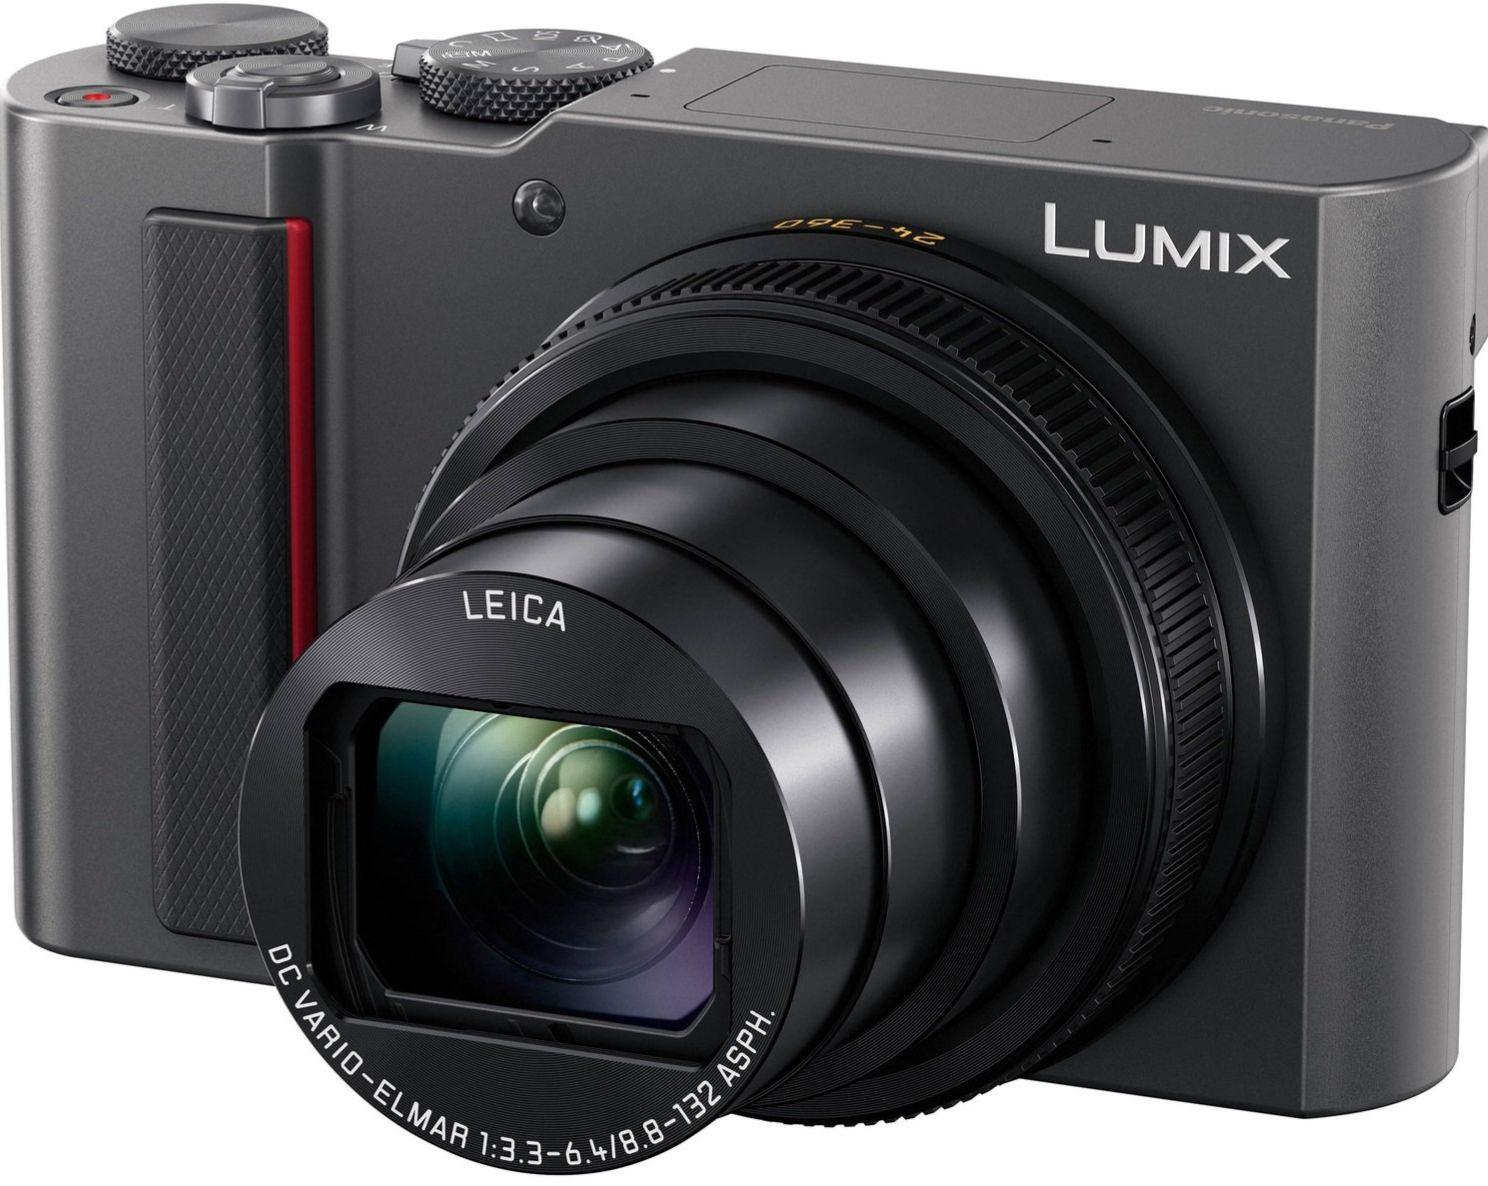 Panasonic Lumix DC-ZS200/TZ200